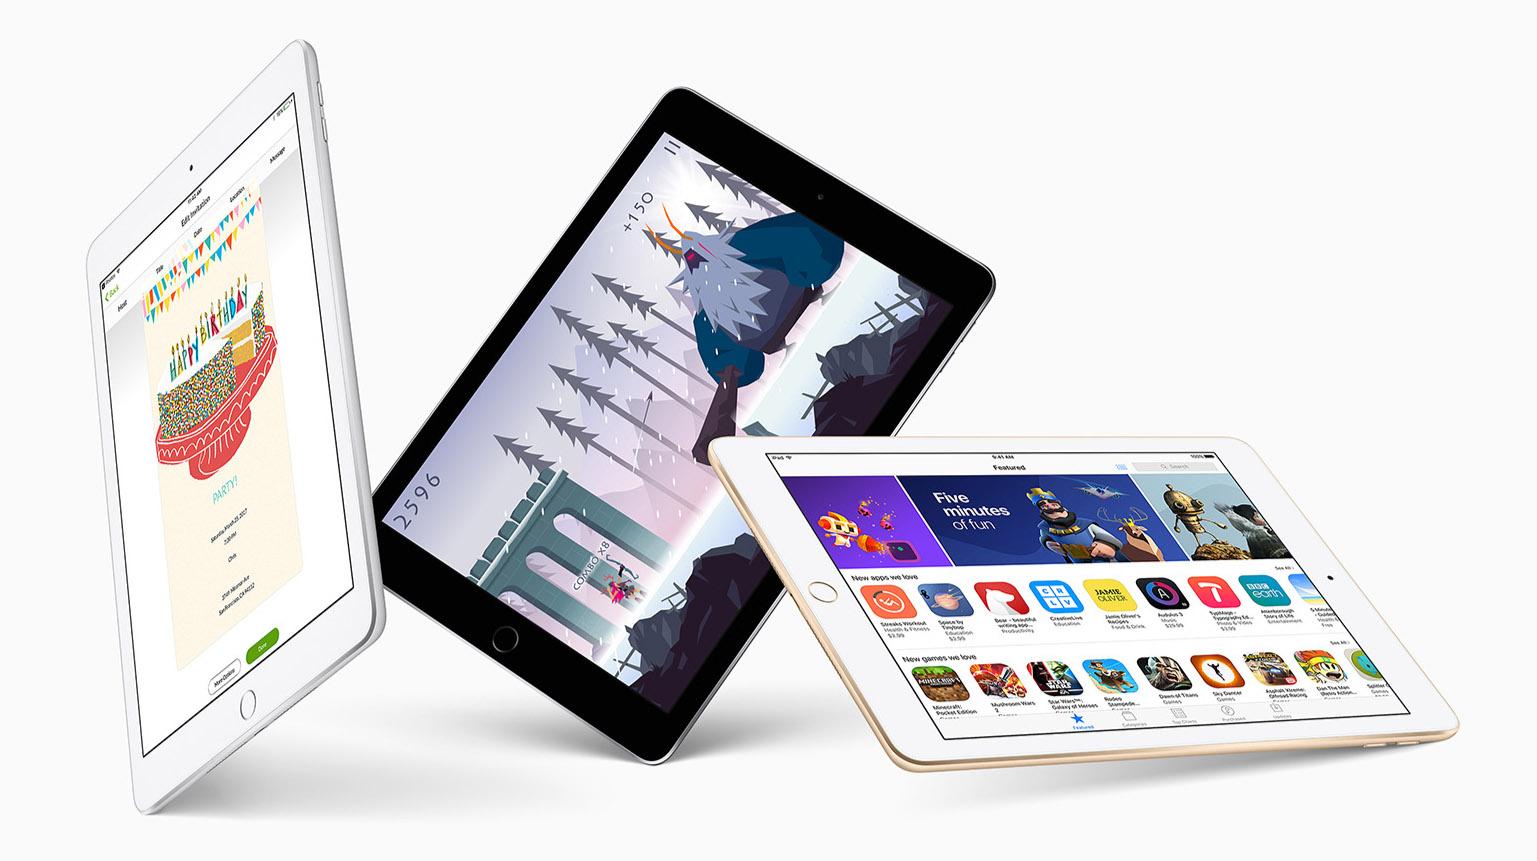 iPad 2017 9.7 inch teardown